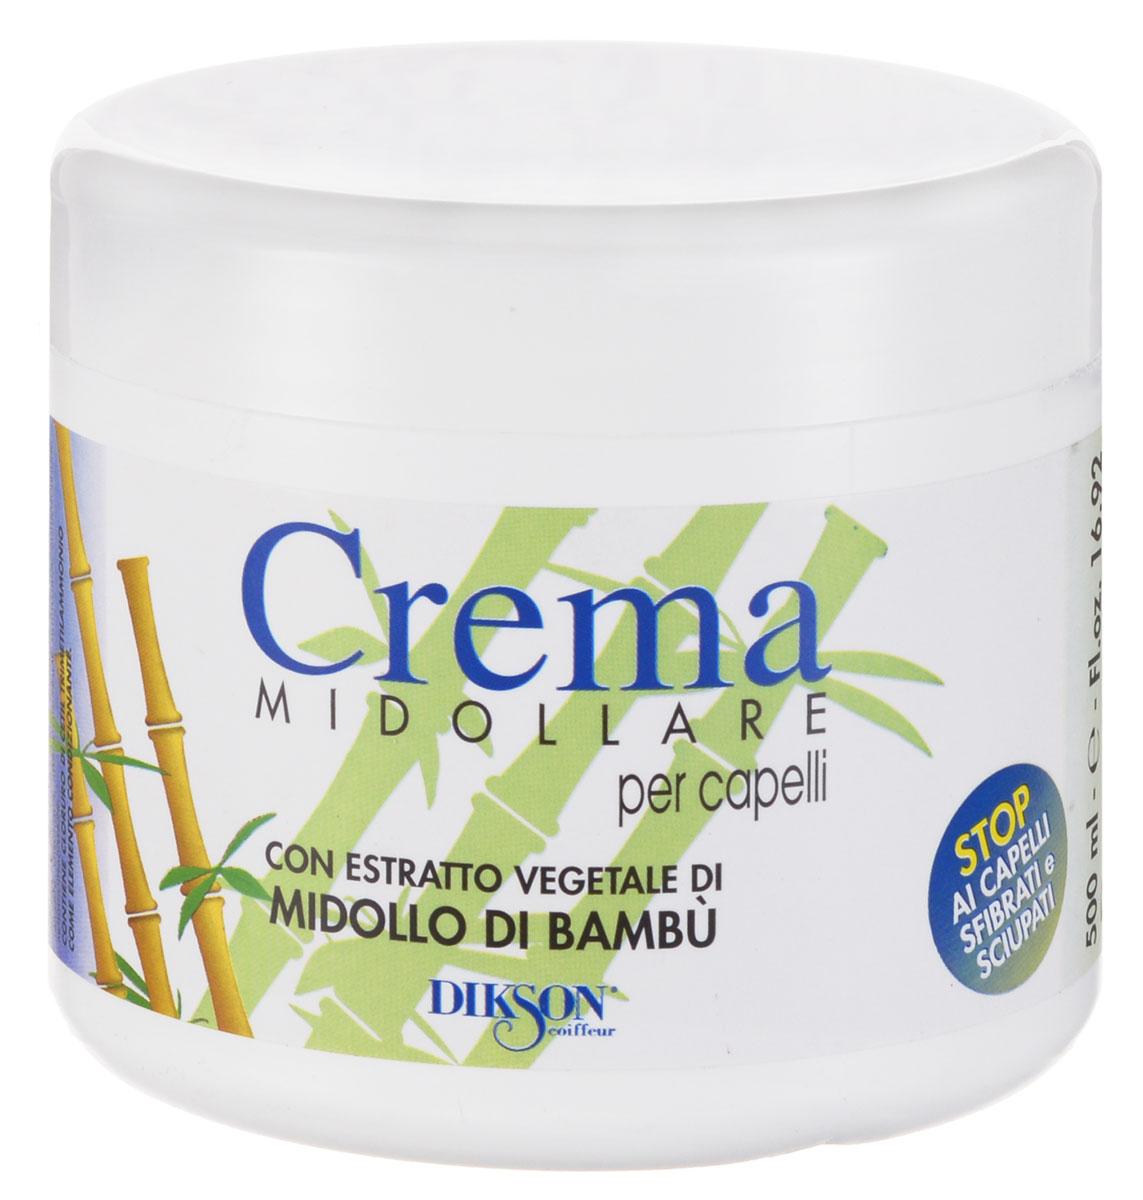 Dikson Восстанавливающий бальзам с экстрактом бамбука Crema Midollare Bambu 500 млSatin Hair 7 BR730MNCrema Midollare Bambu - крем-бальзам, предназначенный для восстановления и питания секущихся, поврежденных и безжизненных волос. Нейтрализует секущиеся кончики, питает волосы, тонизирует их и препятствует выпадению. Дарит волосам блеск и шелковистость.